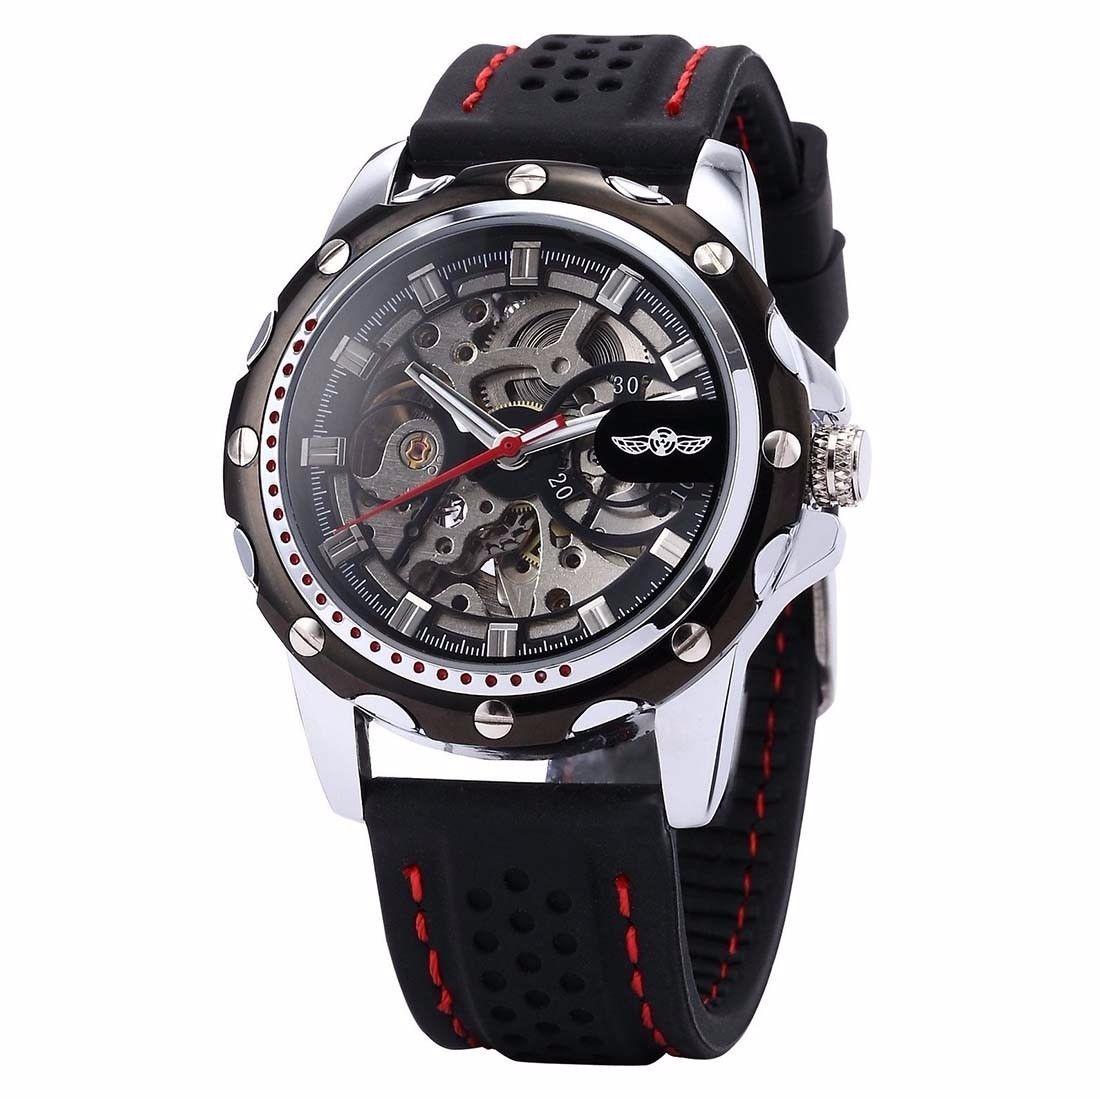 5a7b4f999f9 relógio winner automático pulseira de silicone original! Carregando zoom.